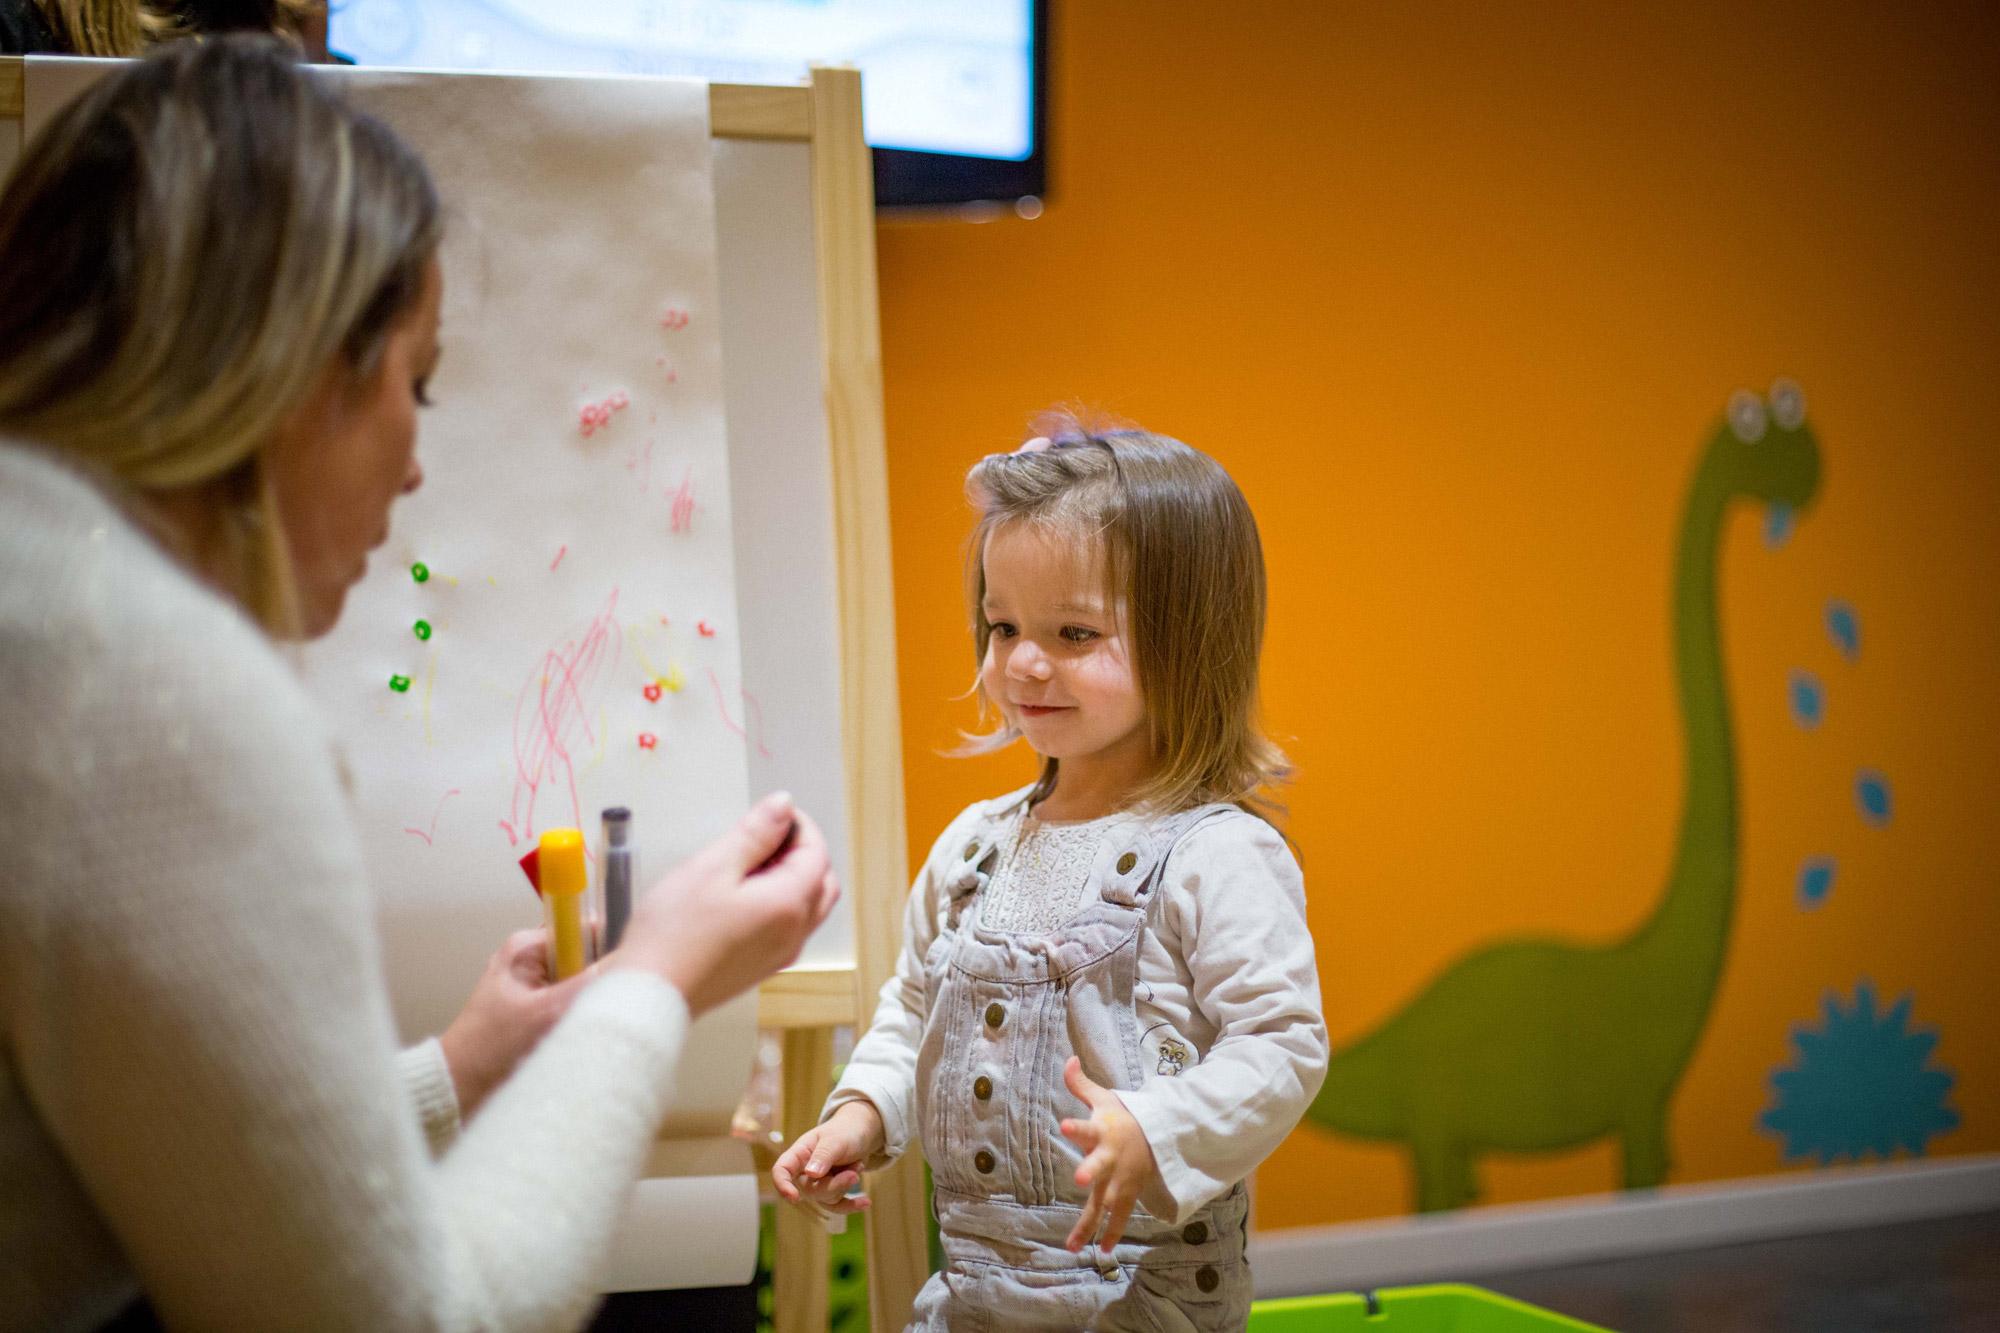 Enfant jouant avec une animatrice grâce au service de baby-sitting proposé au Domaine de la Corniche en Ile de France